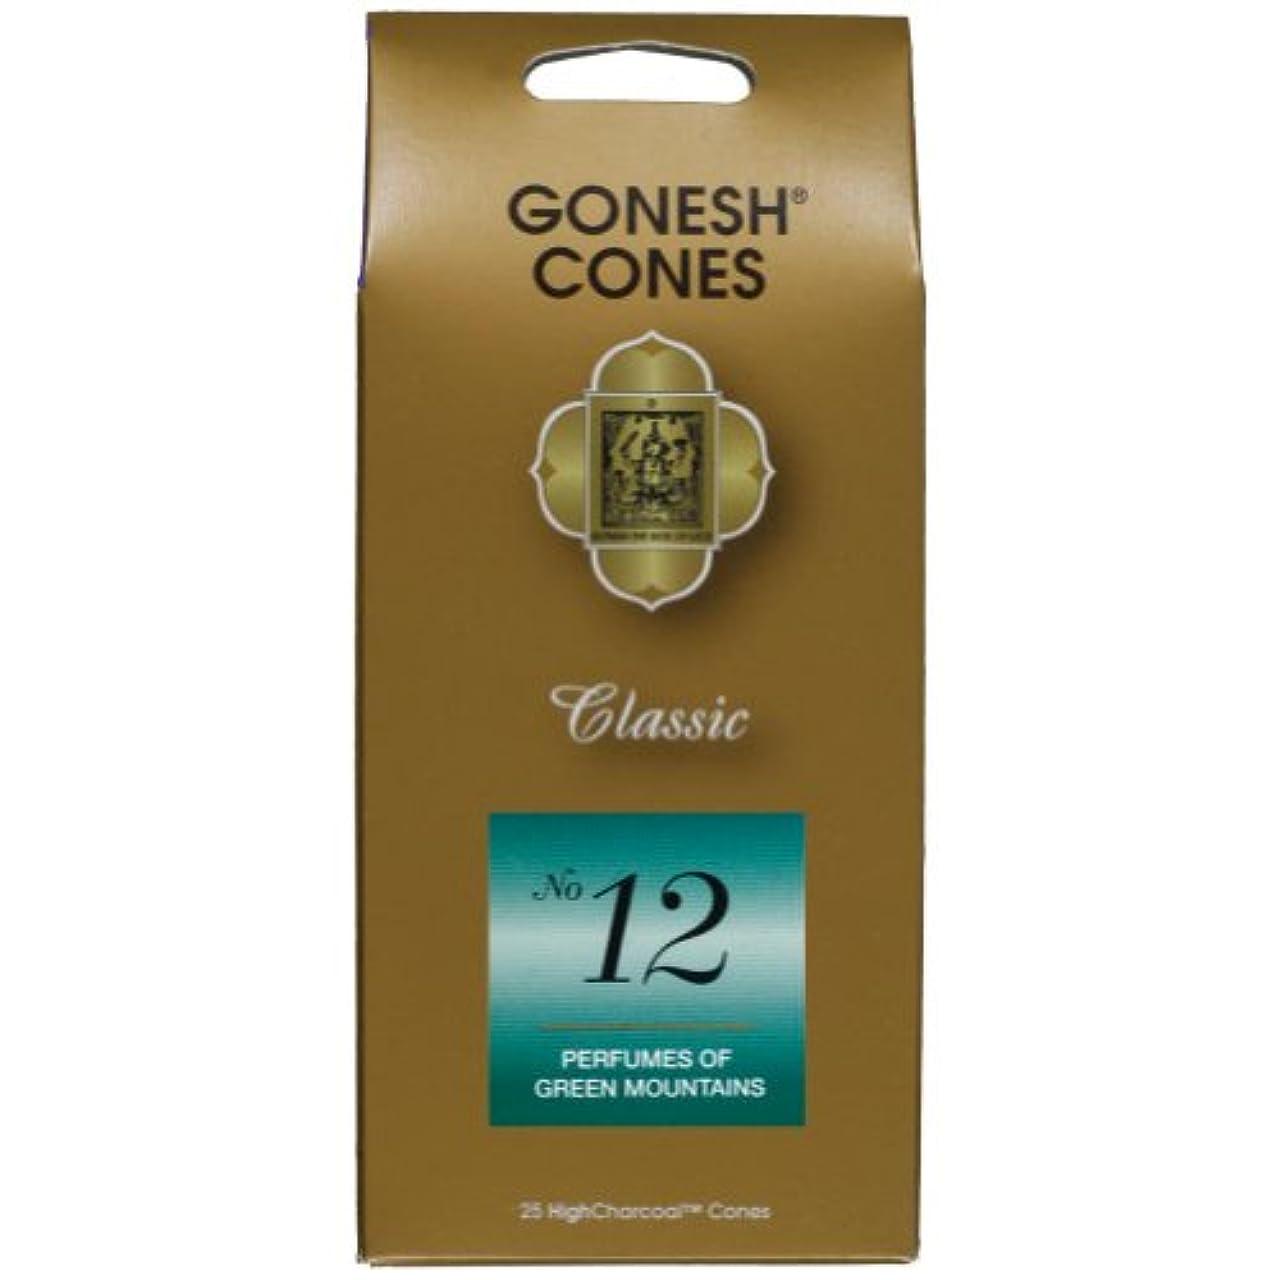 気をつけてから聞く注釈GONESH インセンス コーン No.12